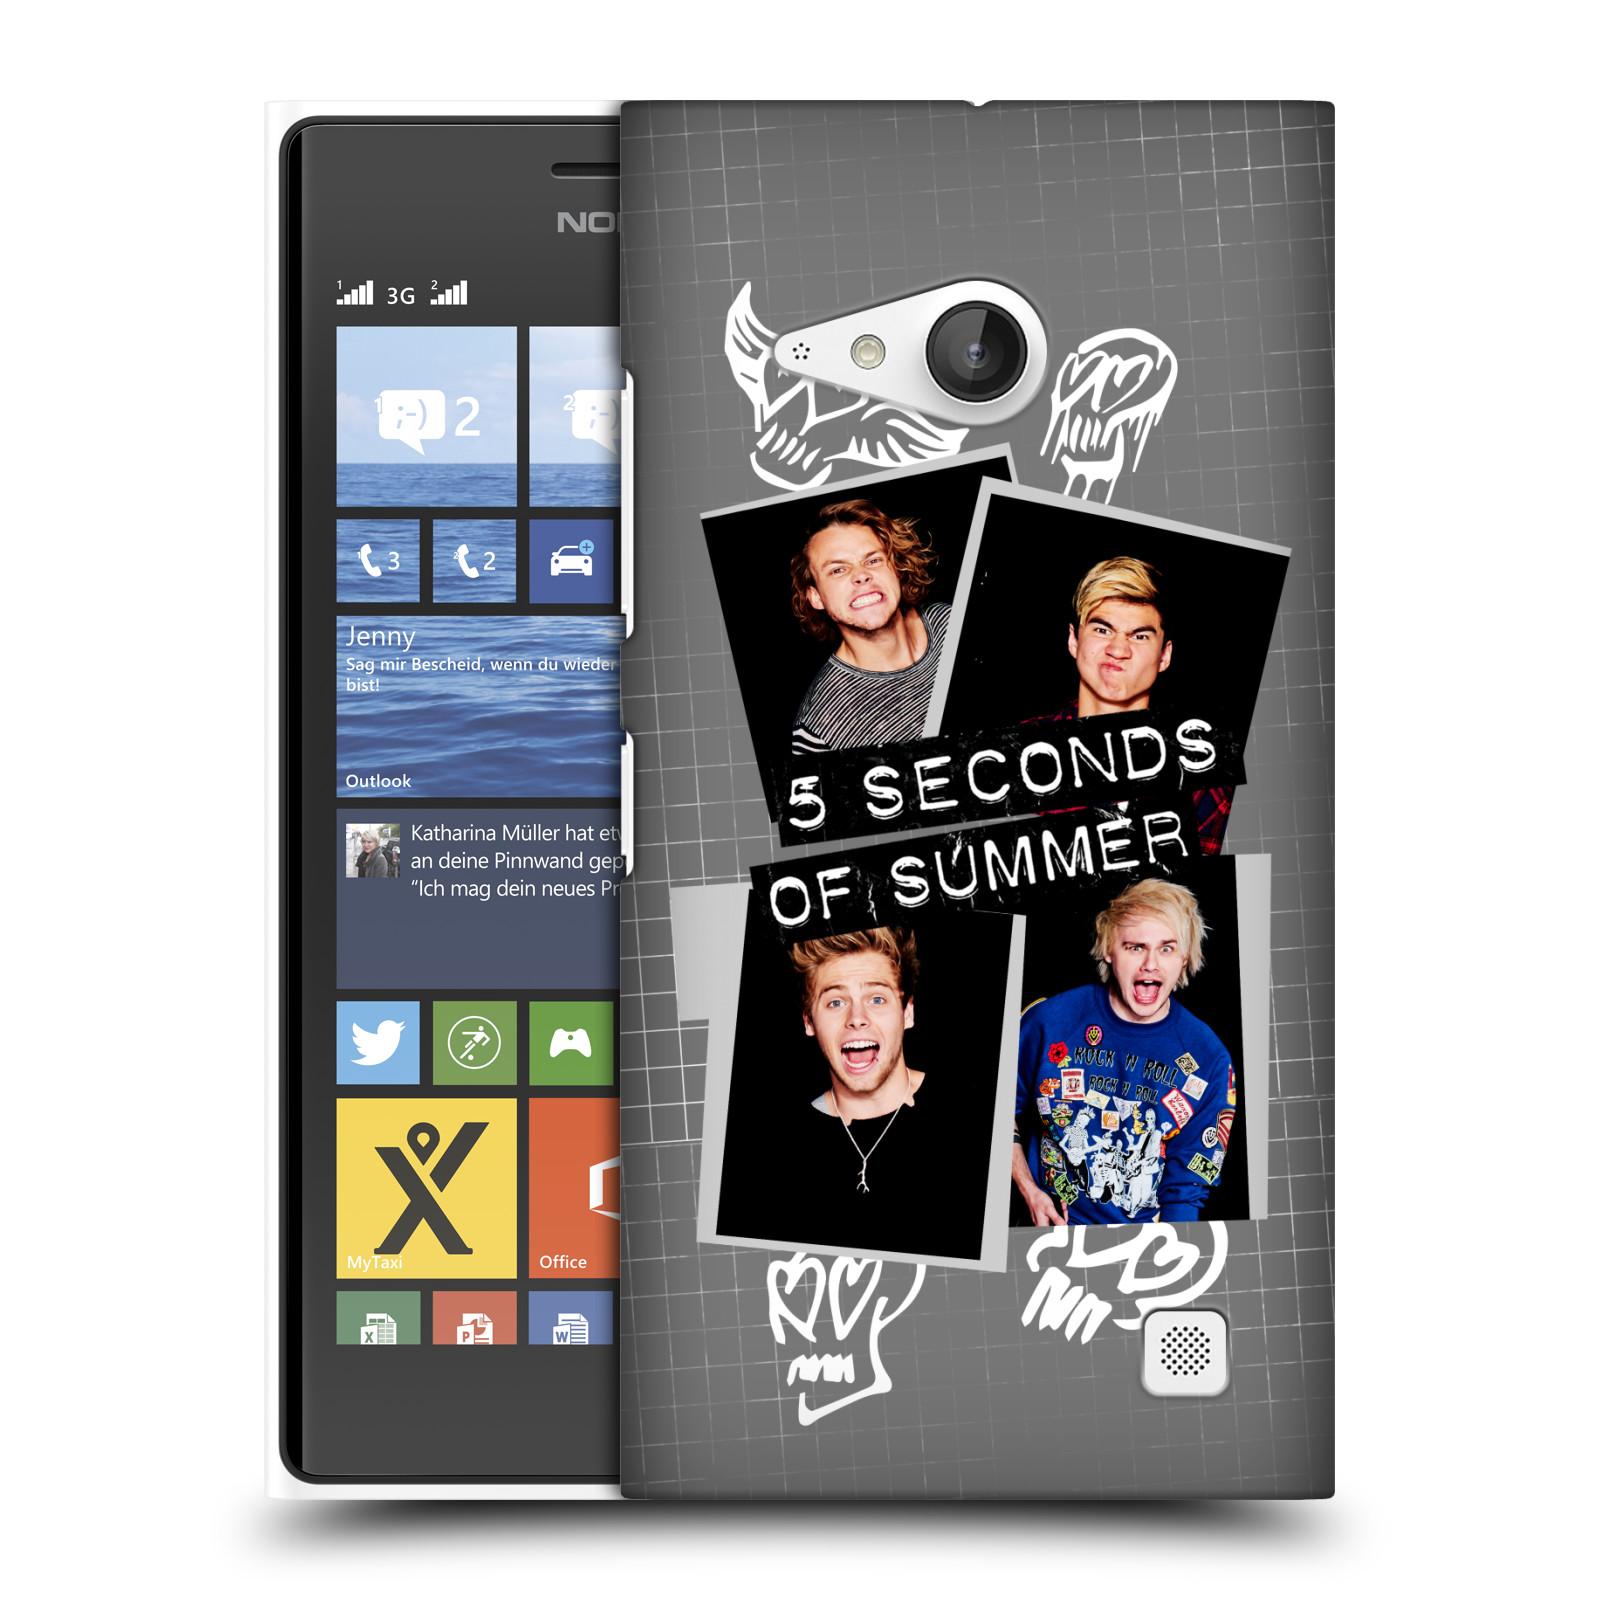 Plastové pouzdro na mobil Nokia Lumia 730 Dual SIM HEAD CASE 5 Seconds of Summer - Band Grey (Plastový kryt či obal na mobilní telefon licencovaným motivem 5 Seconds of Summer pro Nokia Lumia 730 Dual SIM)